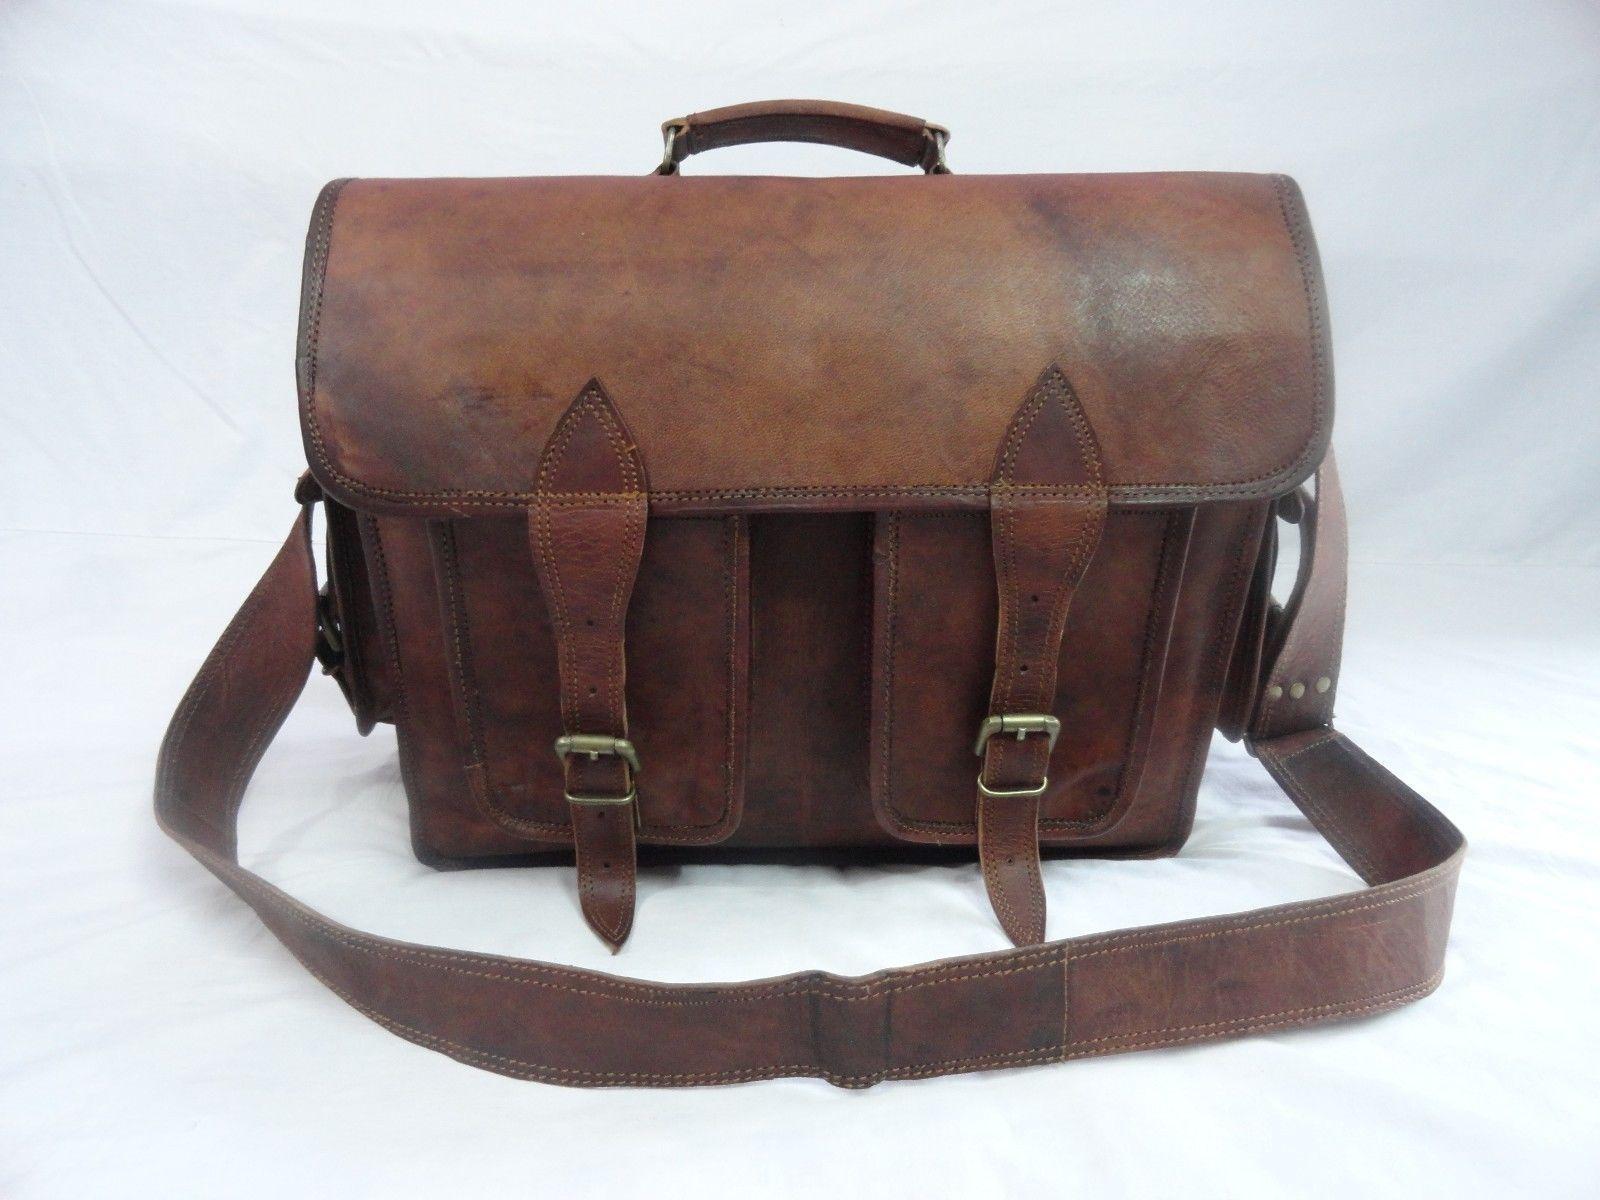 16x12' Men's Vintage Leather DSLR Camera Bag Padded Briefcase Macbook Satchel